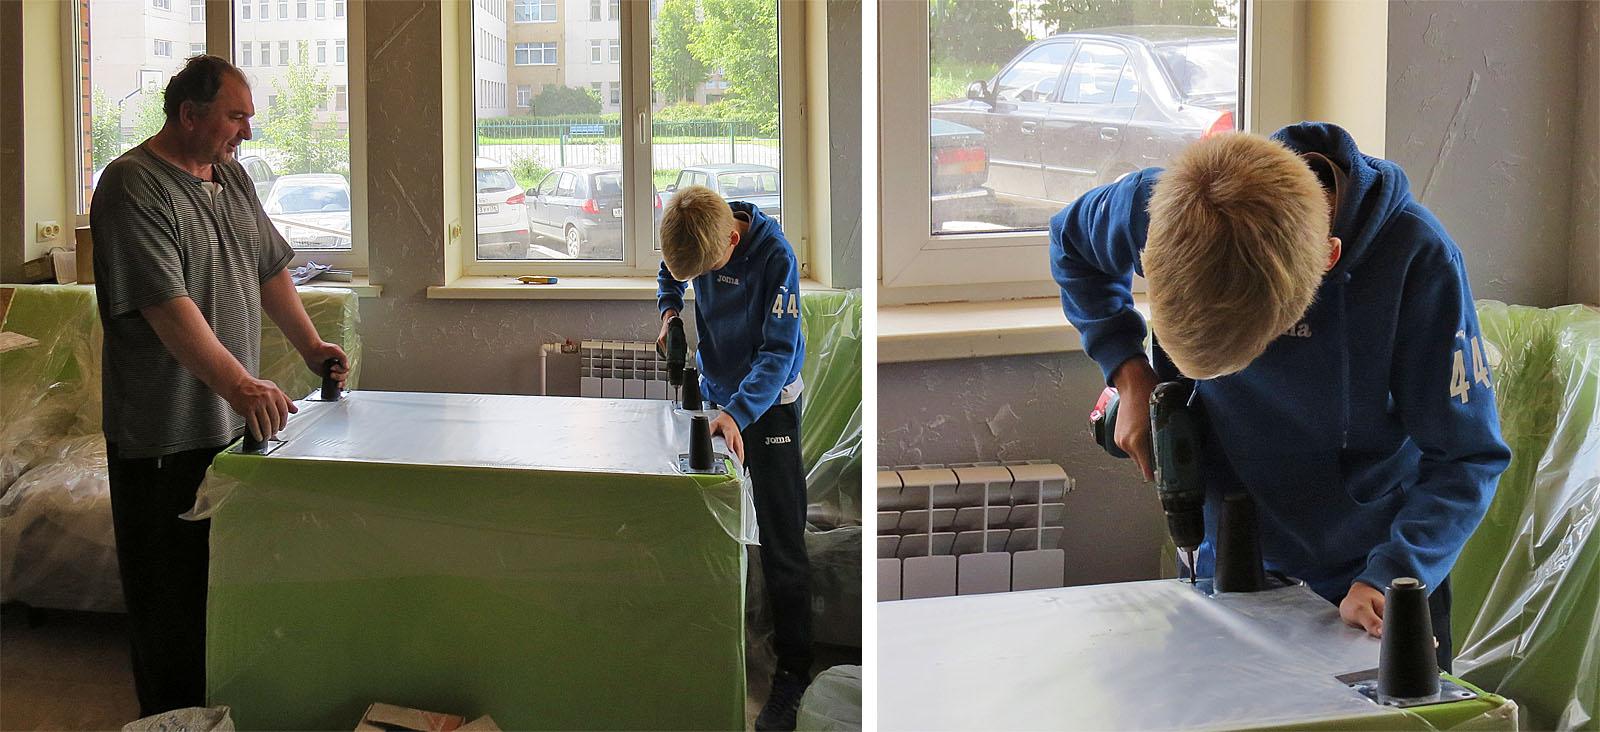 Александр с сыном активно помогают со сборкой мебели.